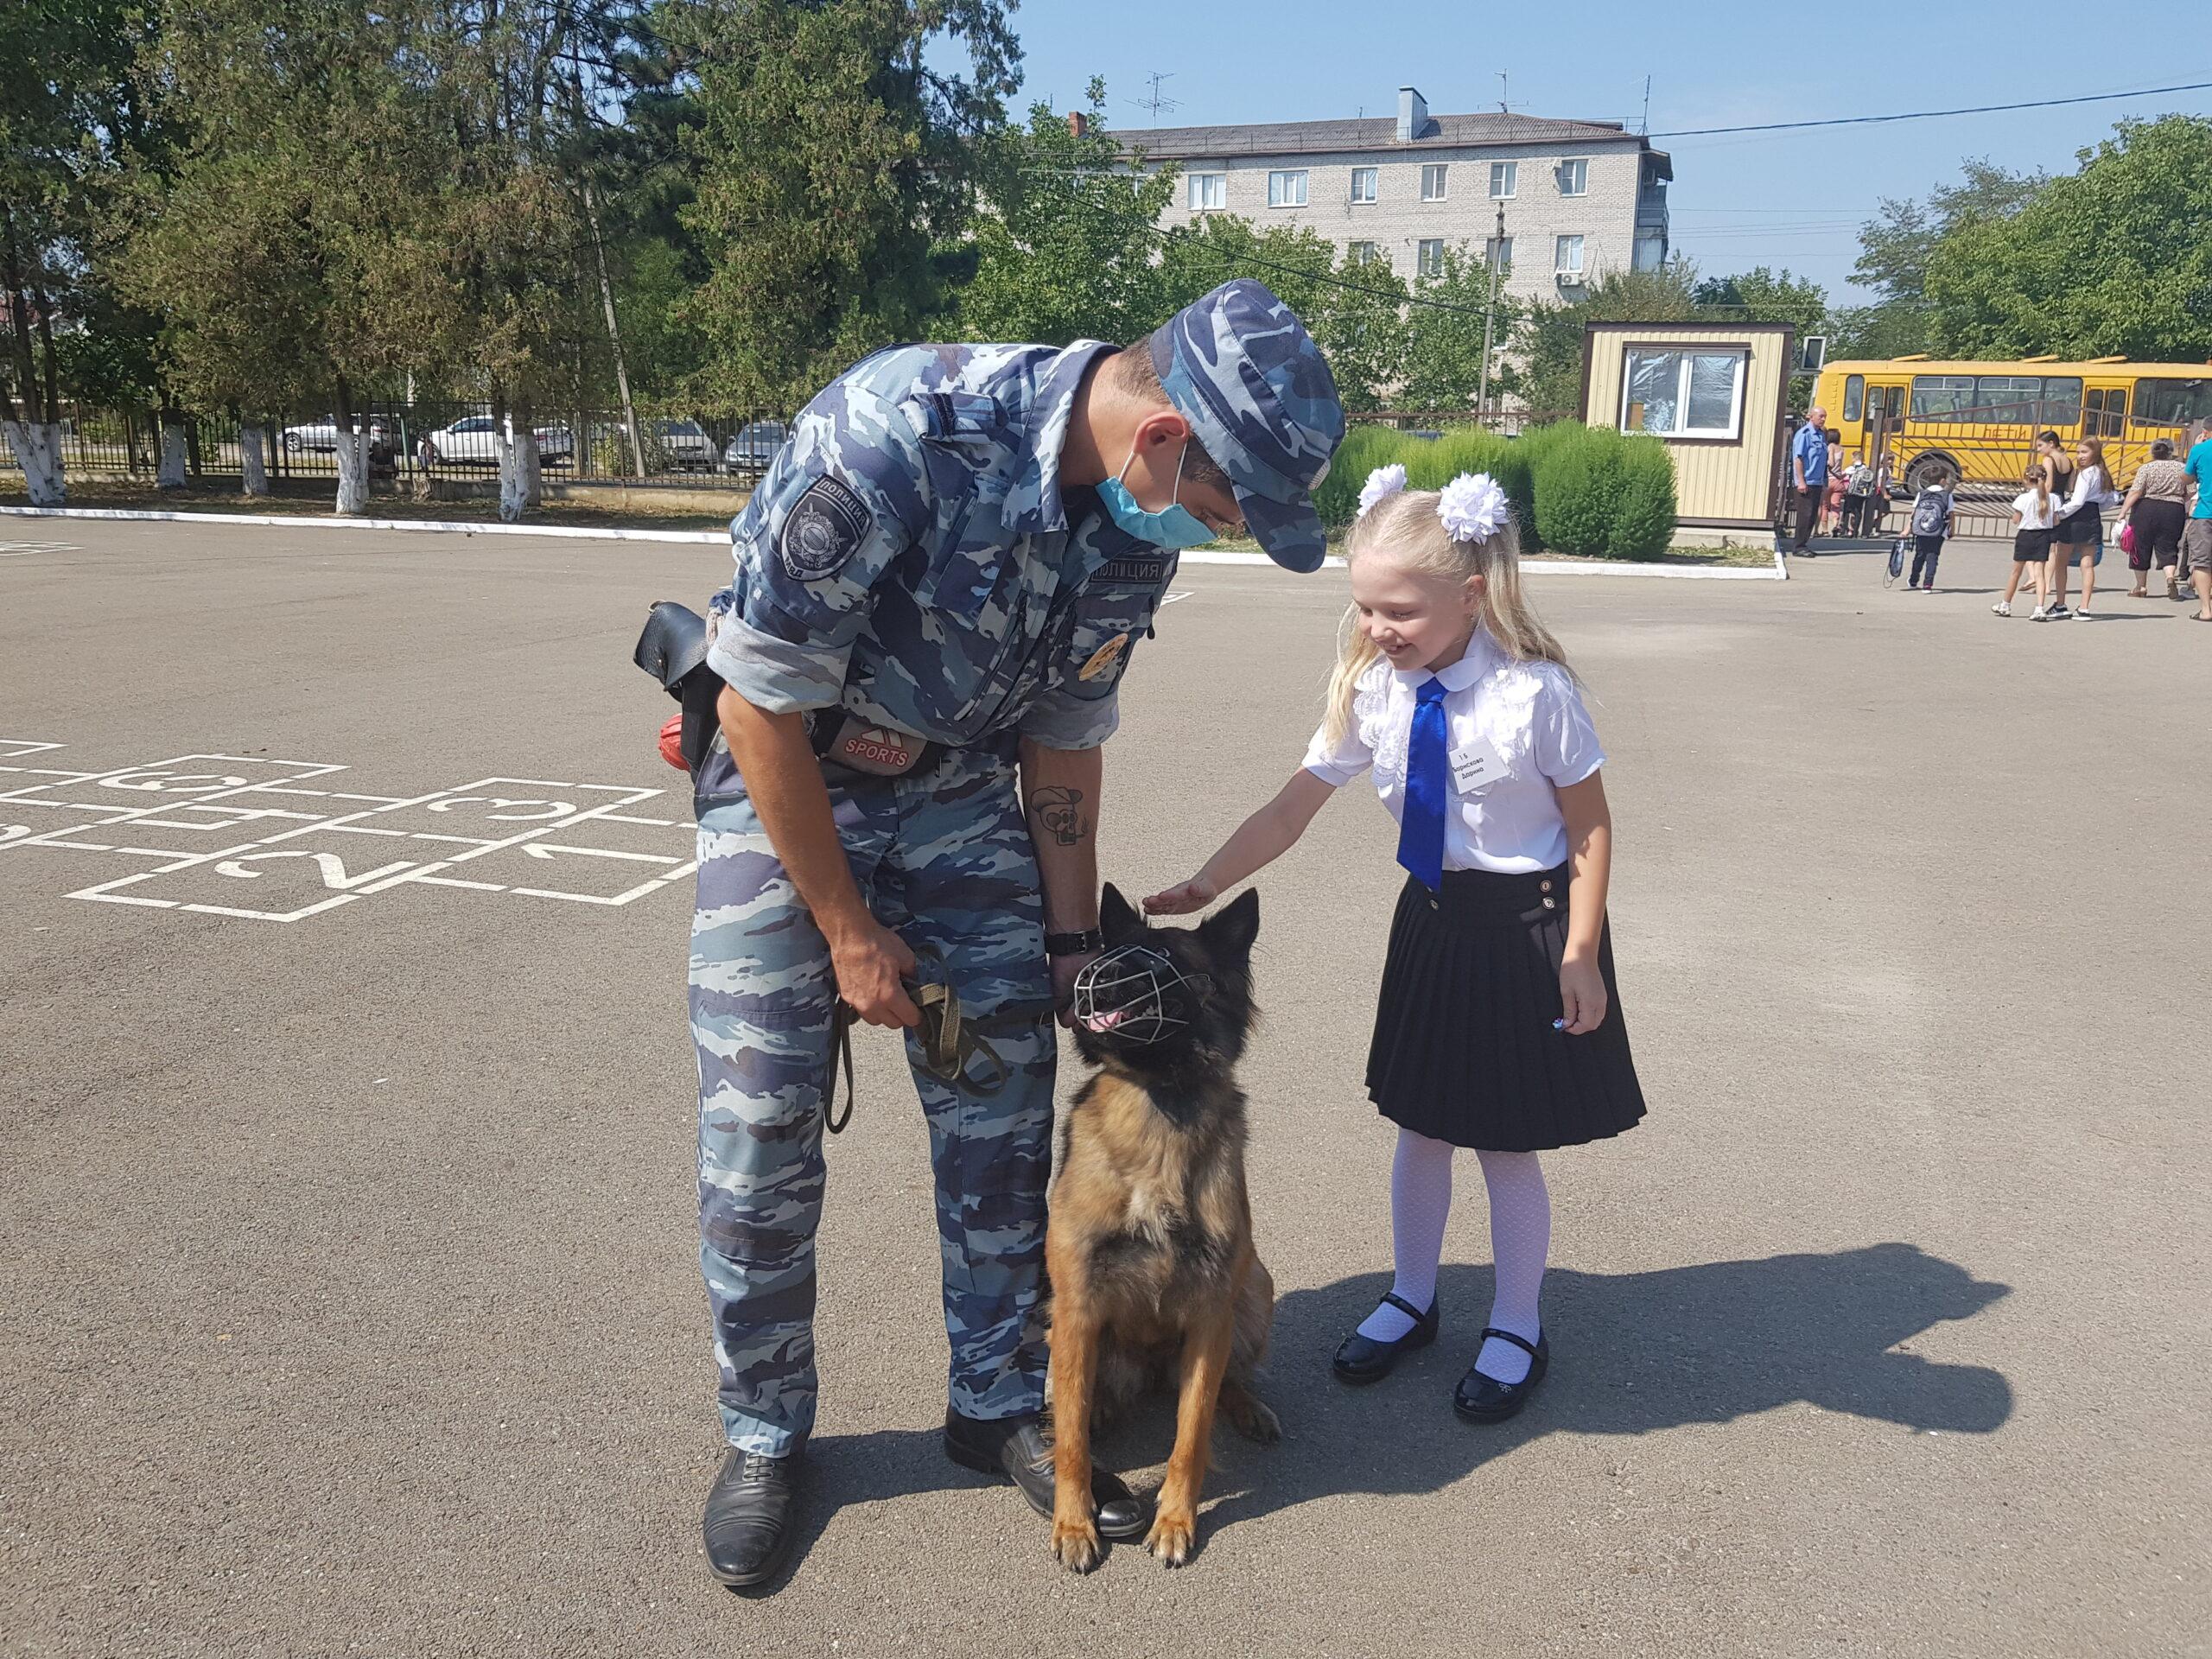 Абинске полицейские, пожарные и общественники приняли участие в профилактических мероприятиях